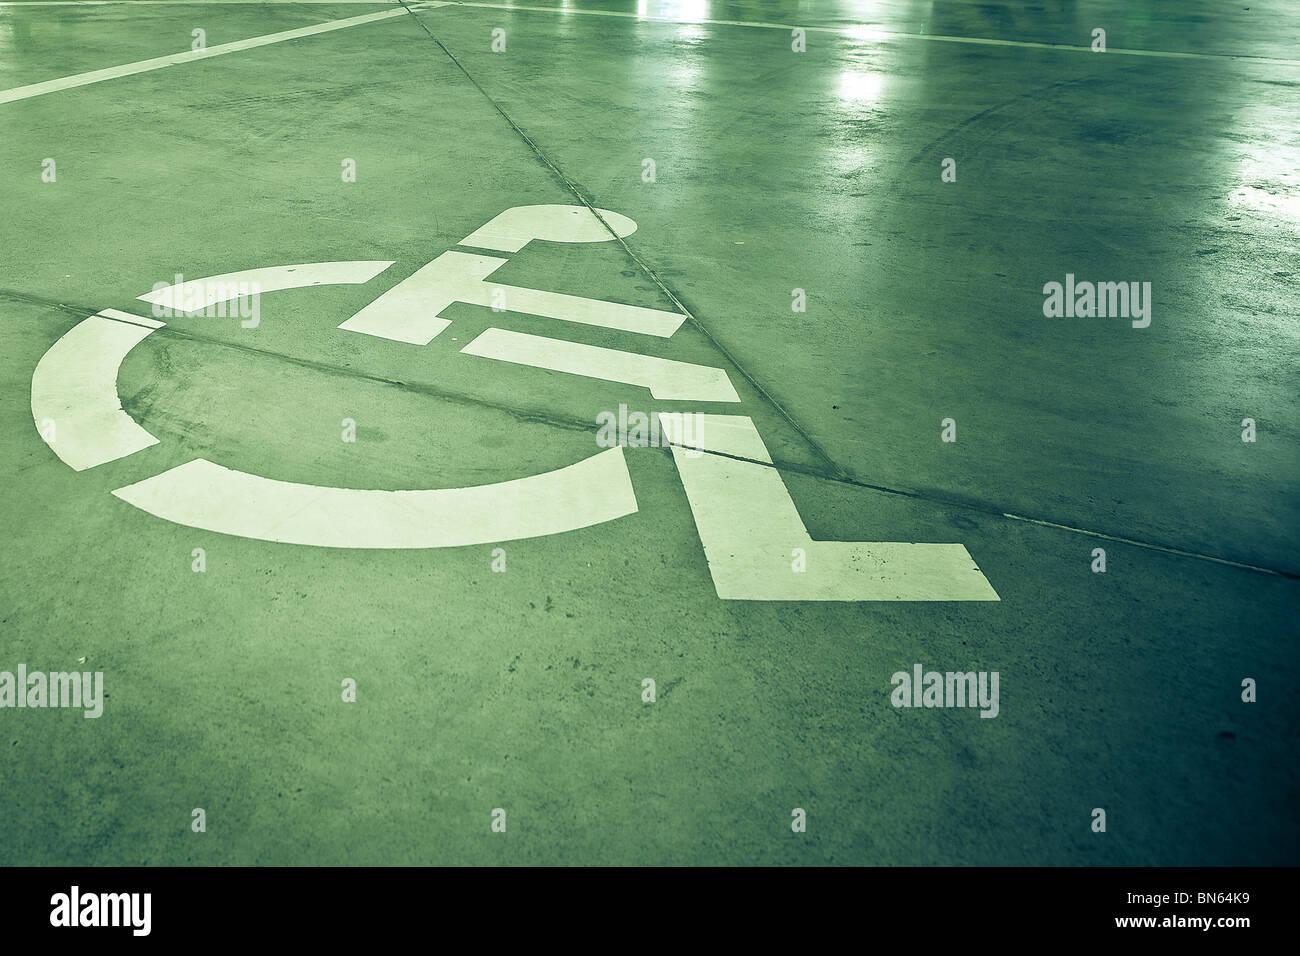 Behinderung melden auf Grunge Hintergrund Stockbild